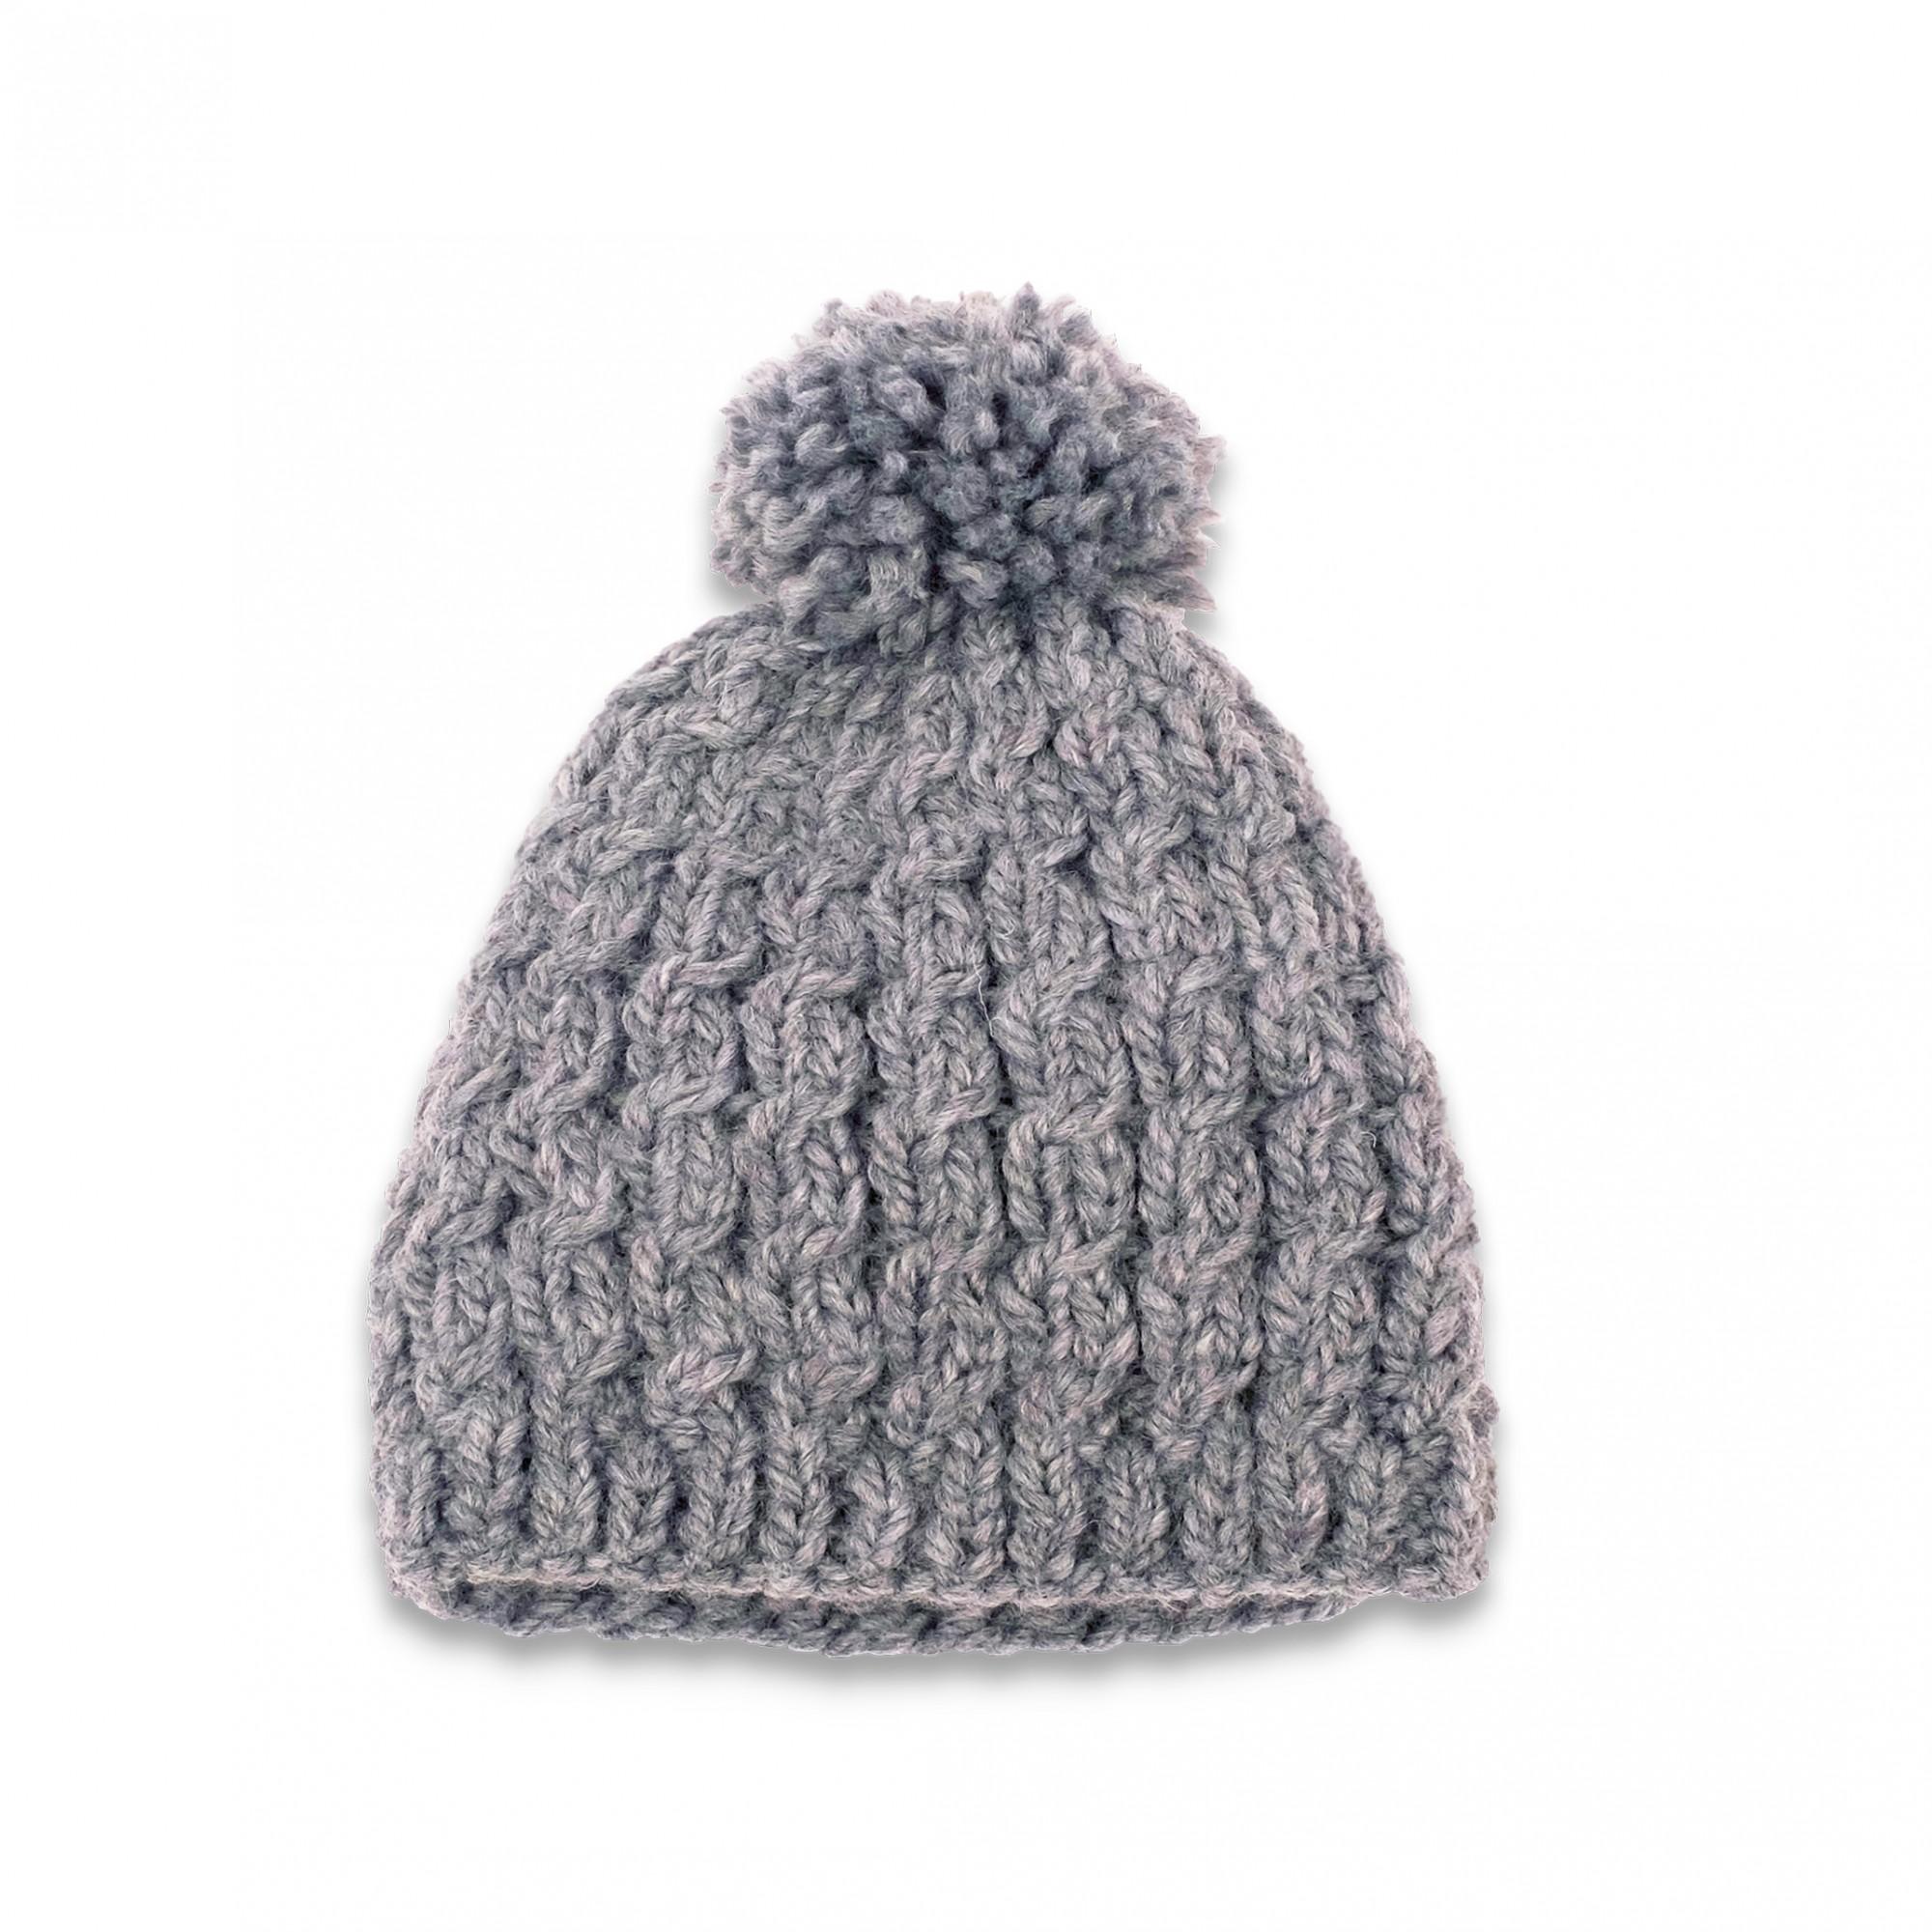 df2ca9f6600e Bonnet bebe laine tricot main - Idées de tricot gratuit